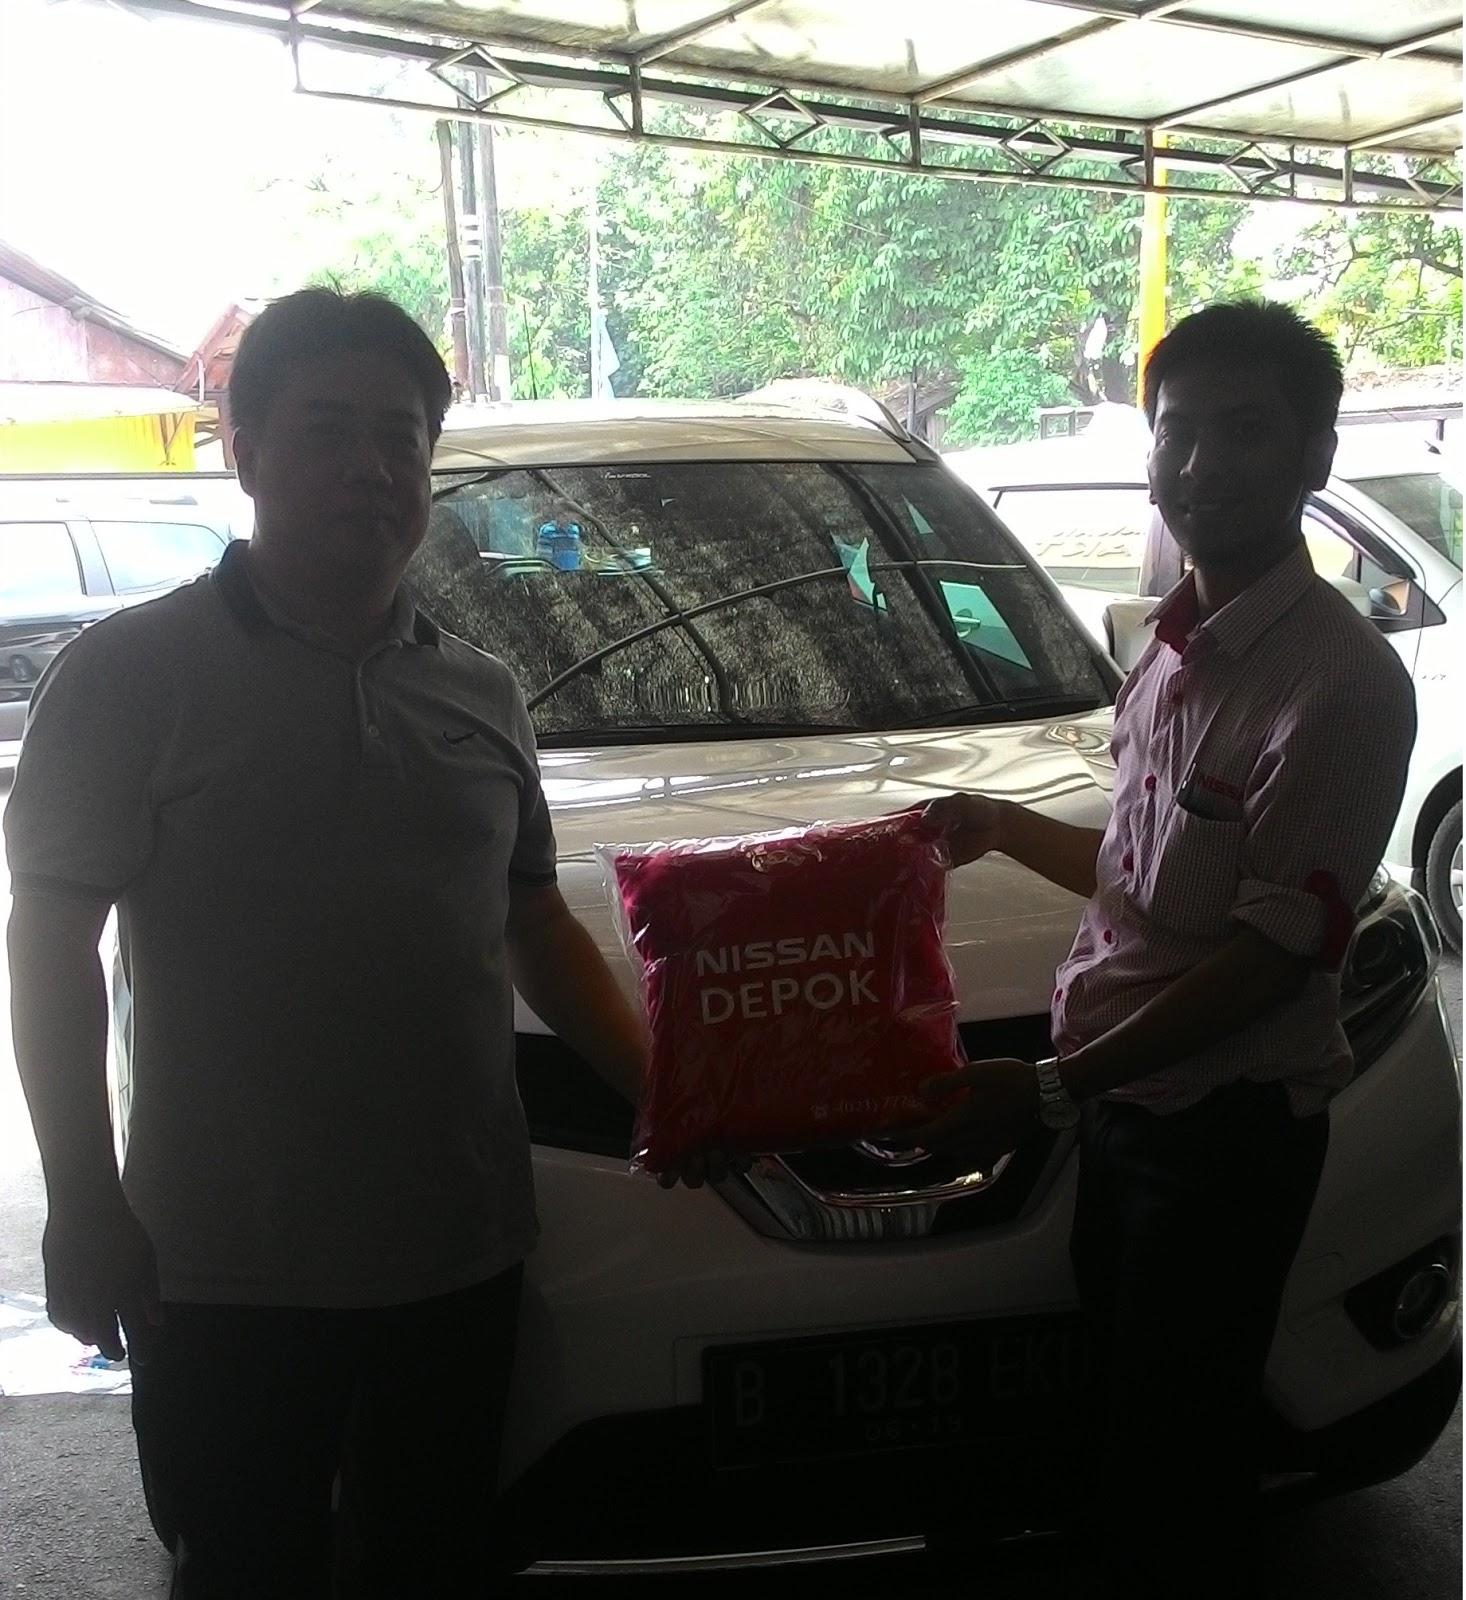 Terimakasih atas kepercayaan Pak Yahyadi&Klg yg telah membeli All New Xtrail melalui media www.touchnissan.com.  Semoga Berkah ya Pak...